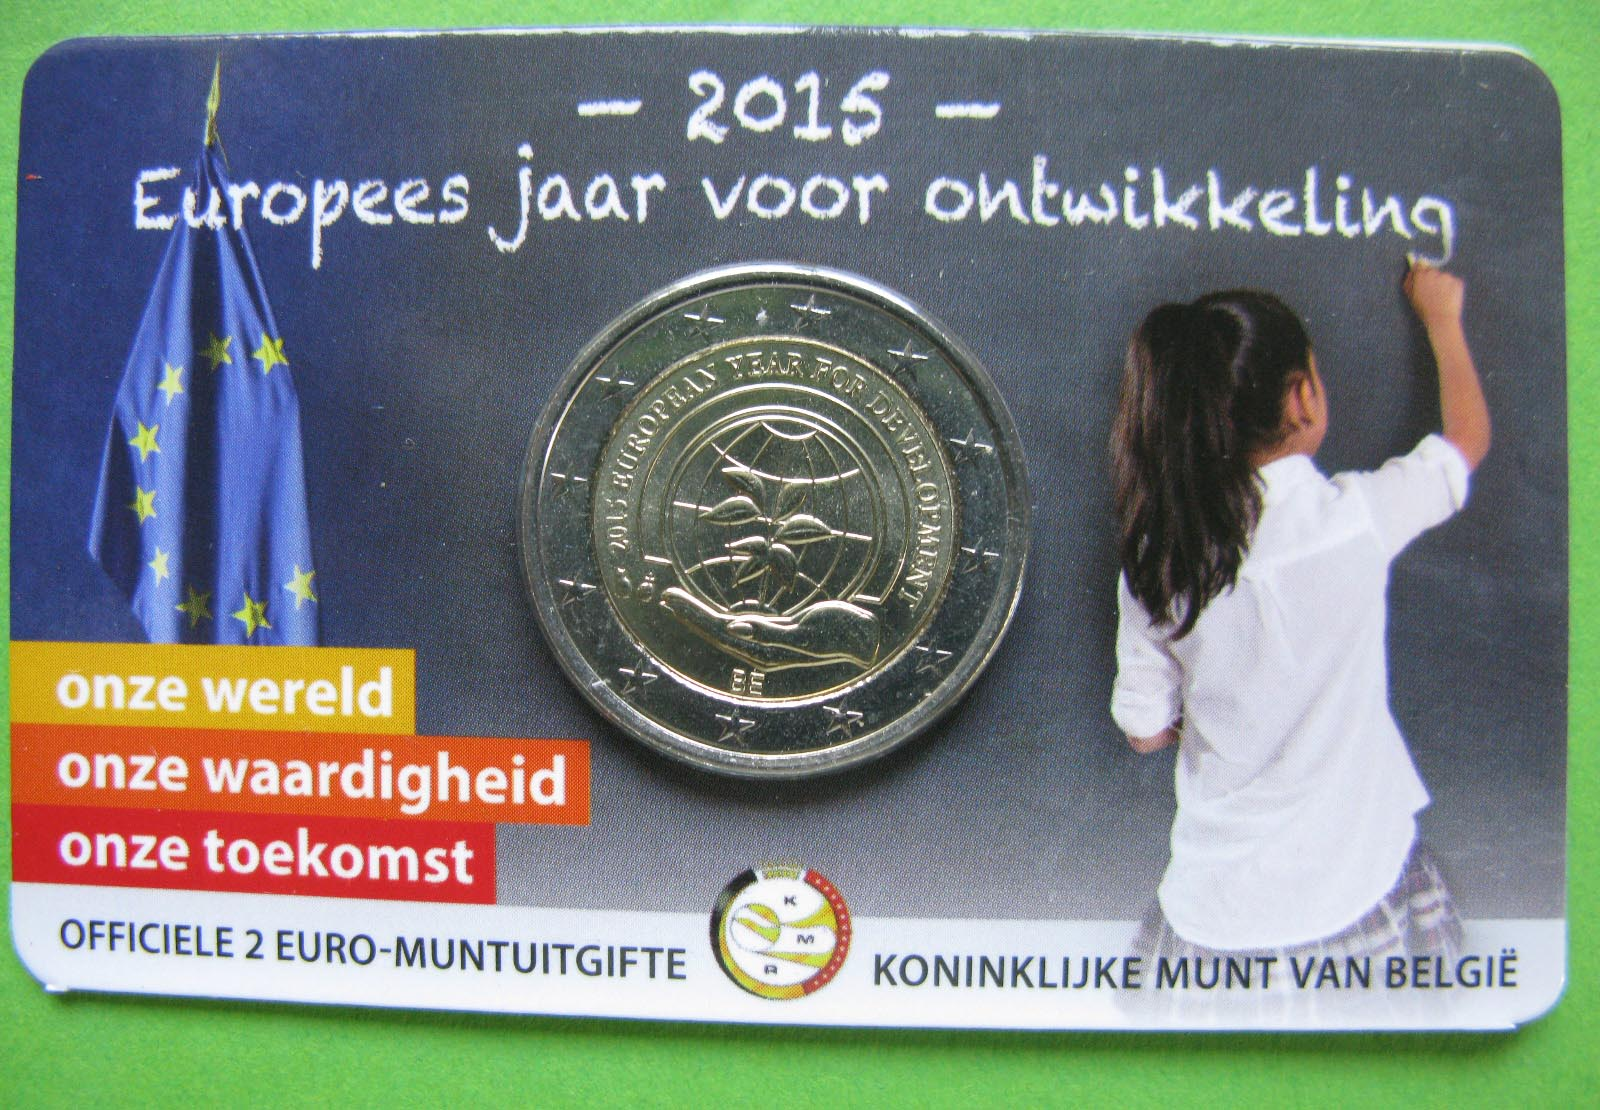 Бельгия 2 евро 2015 г.  Европейский год развития